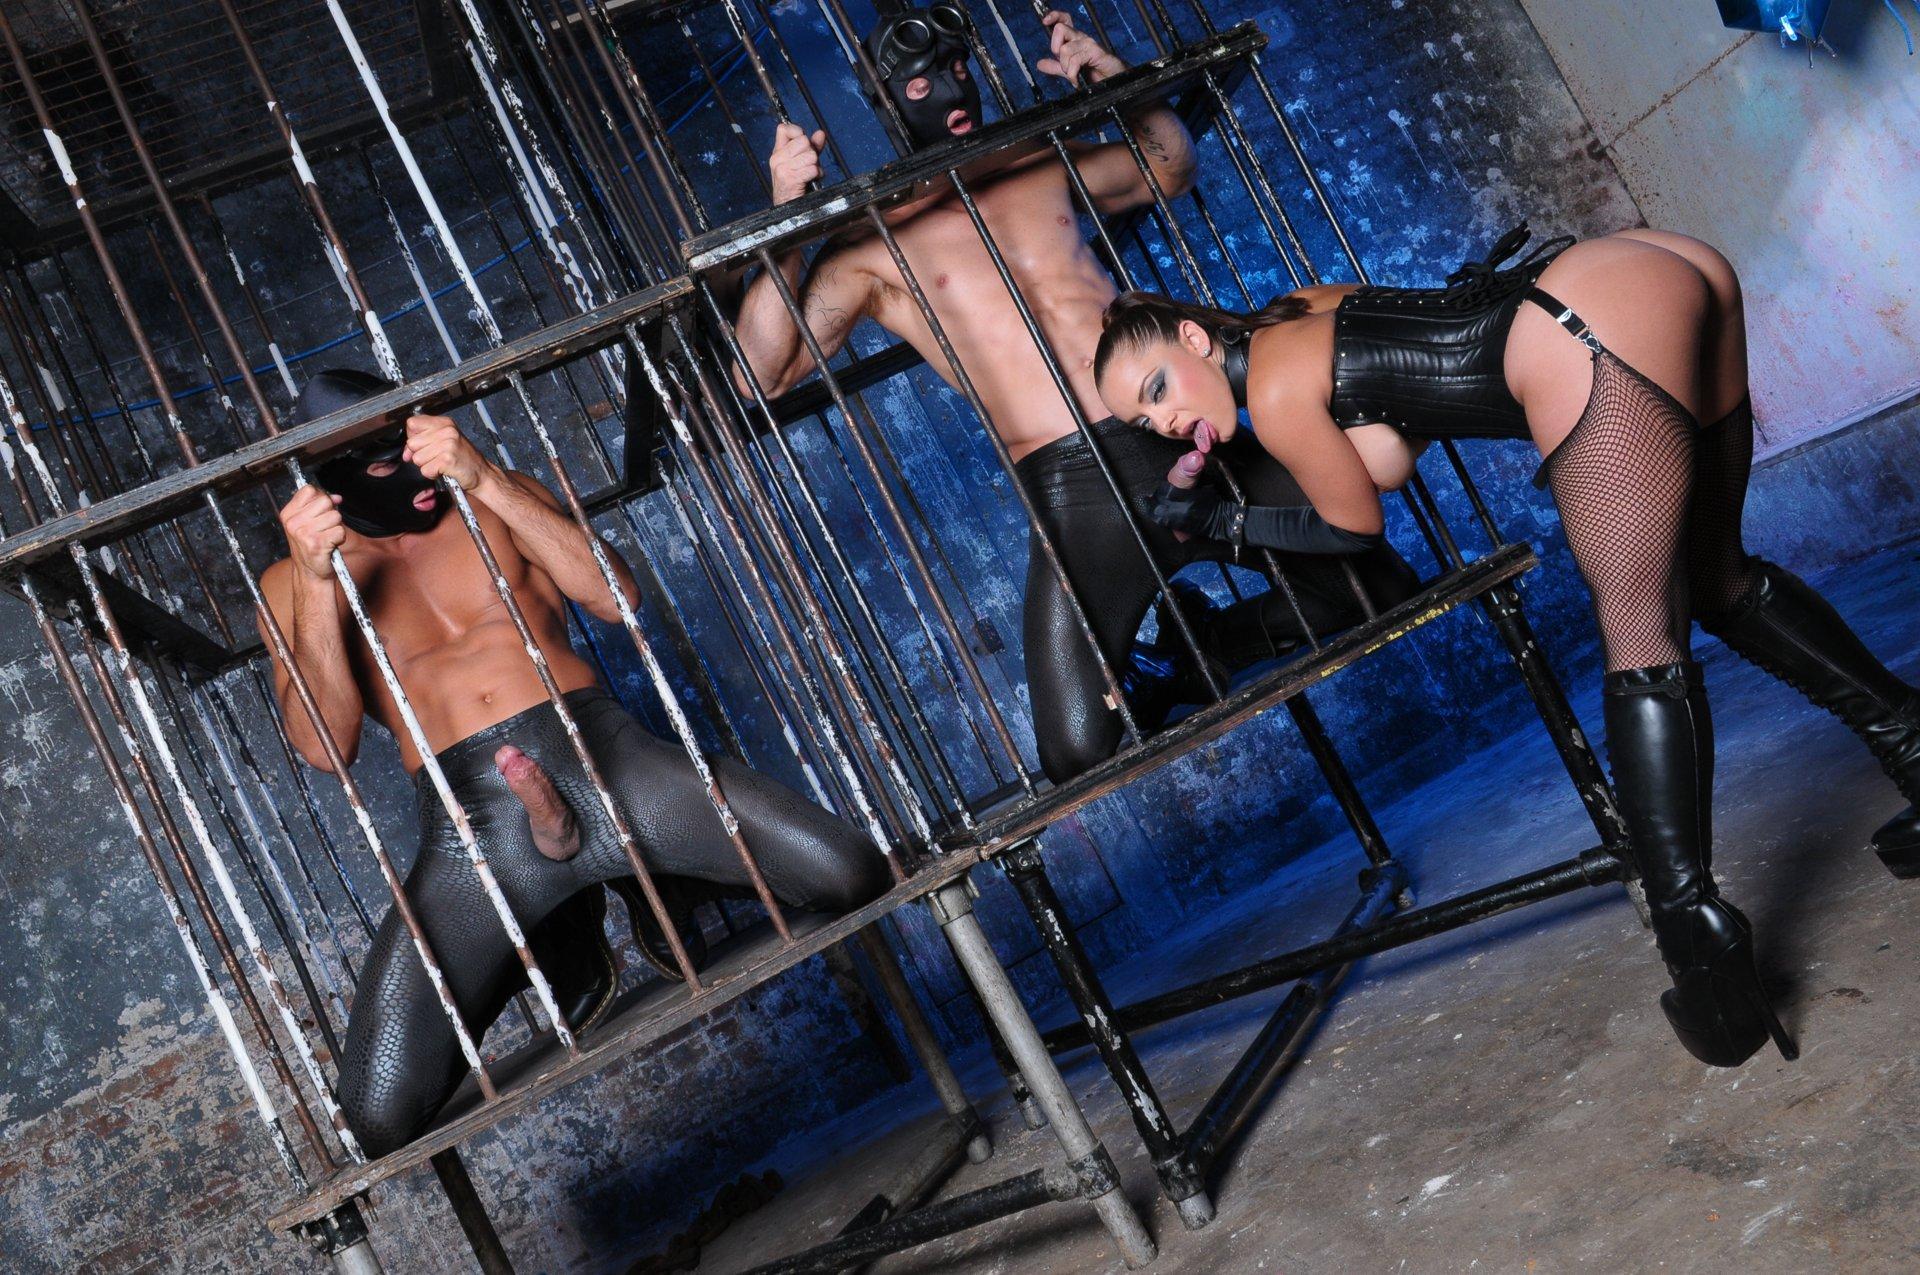 Tit bondage in Femdom bondage Cage